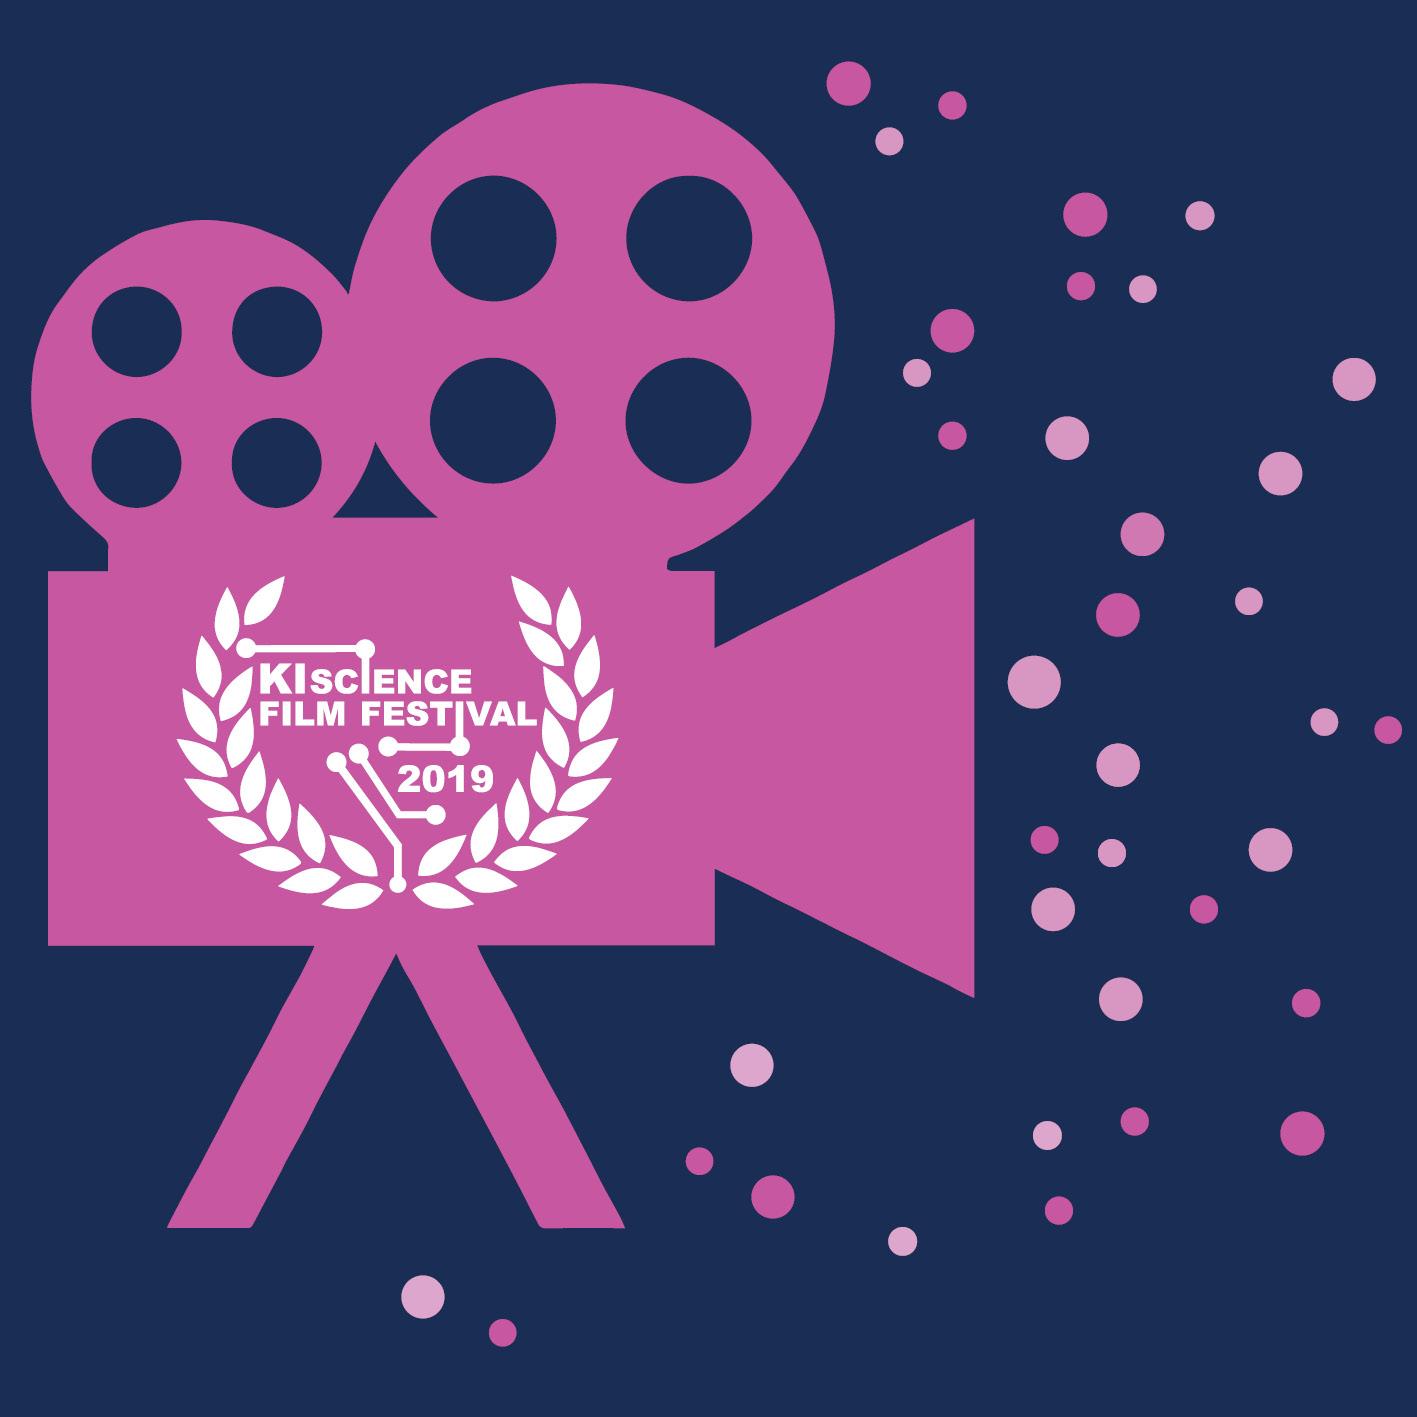 Logo KI Science Film Festival